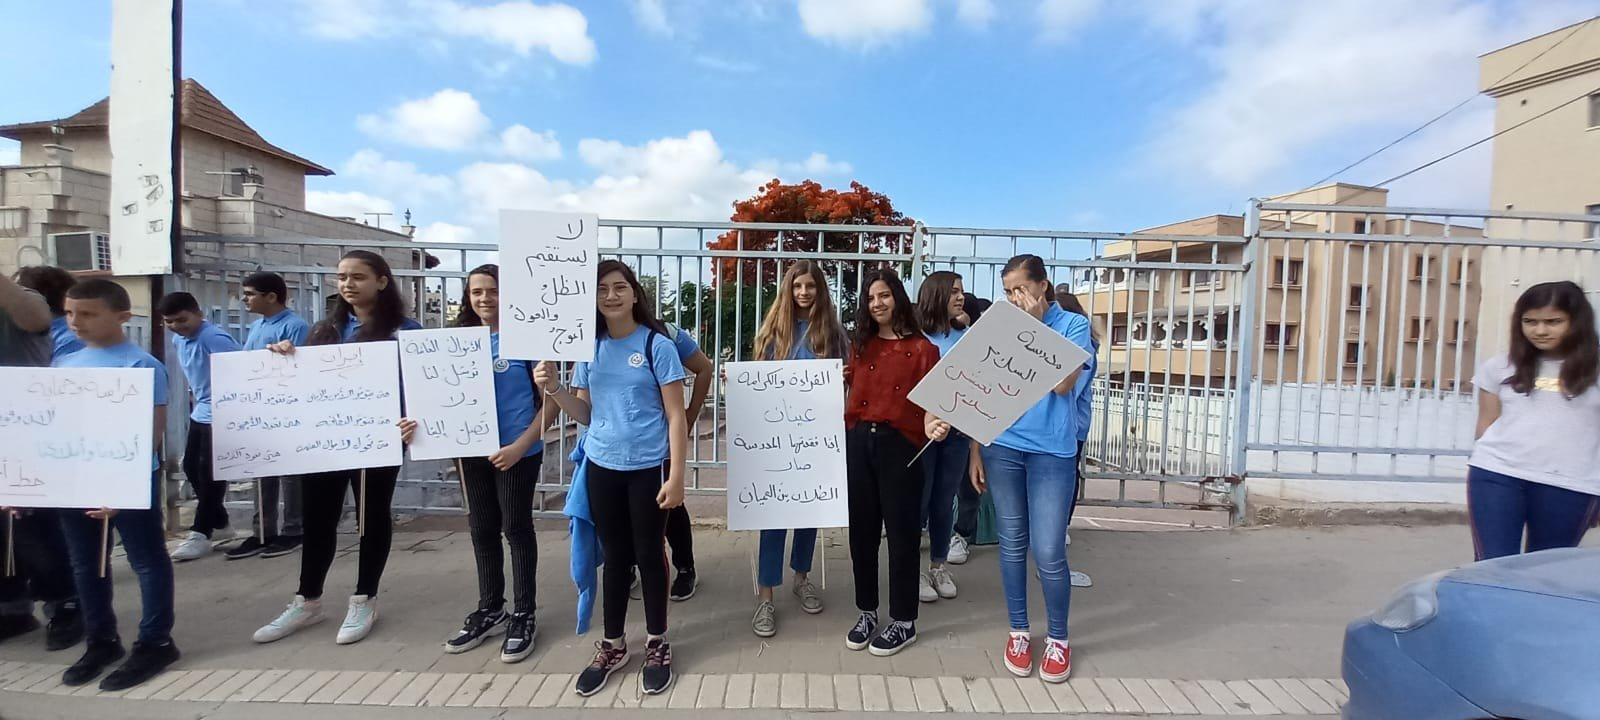 اعتداء على مدرسة في الطيبة والطلاب يتظاهرون-0